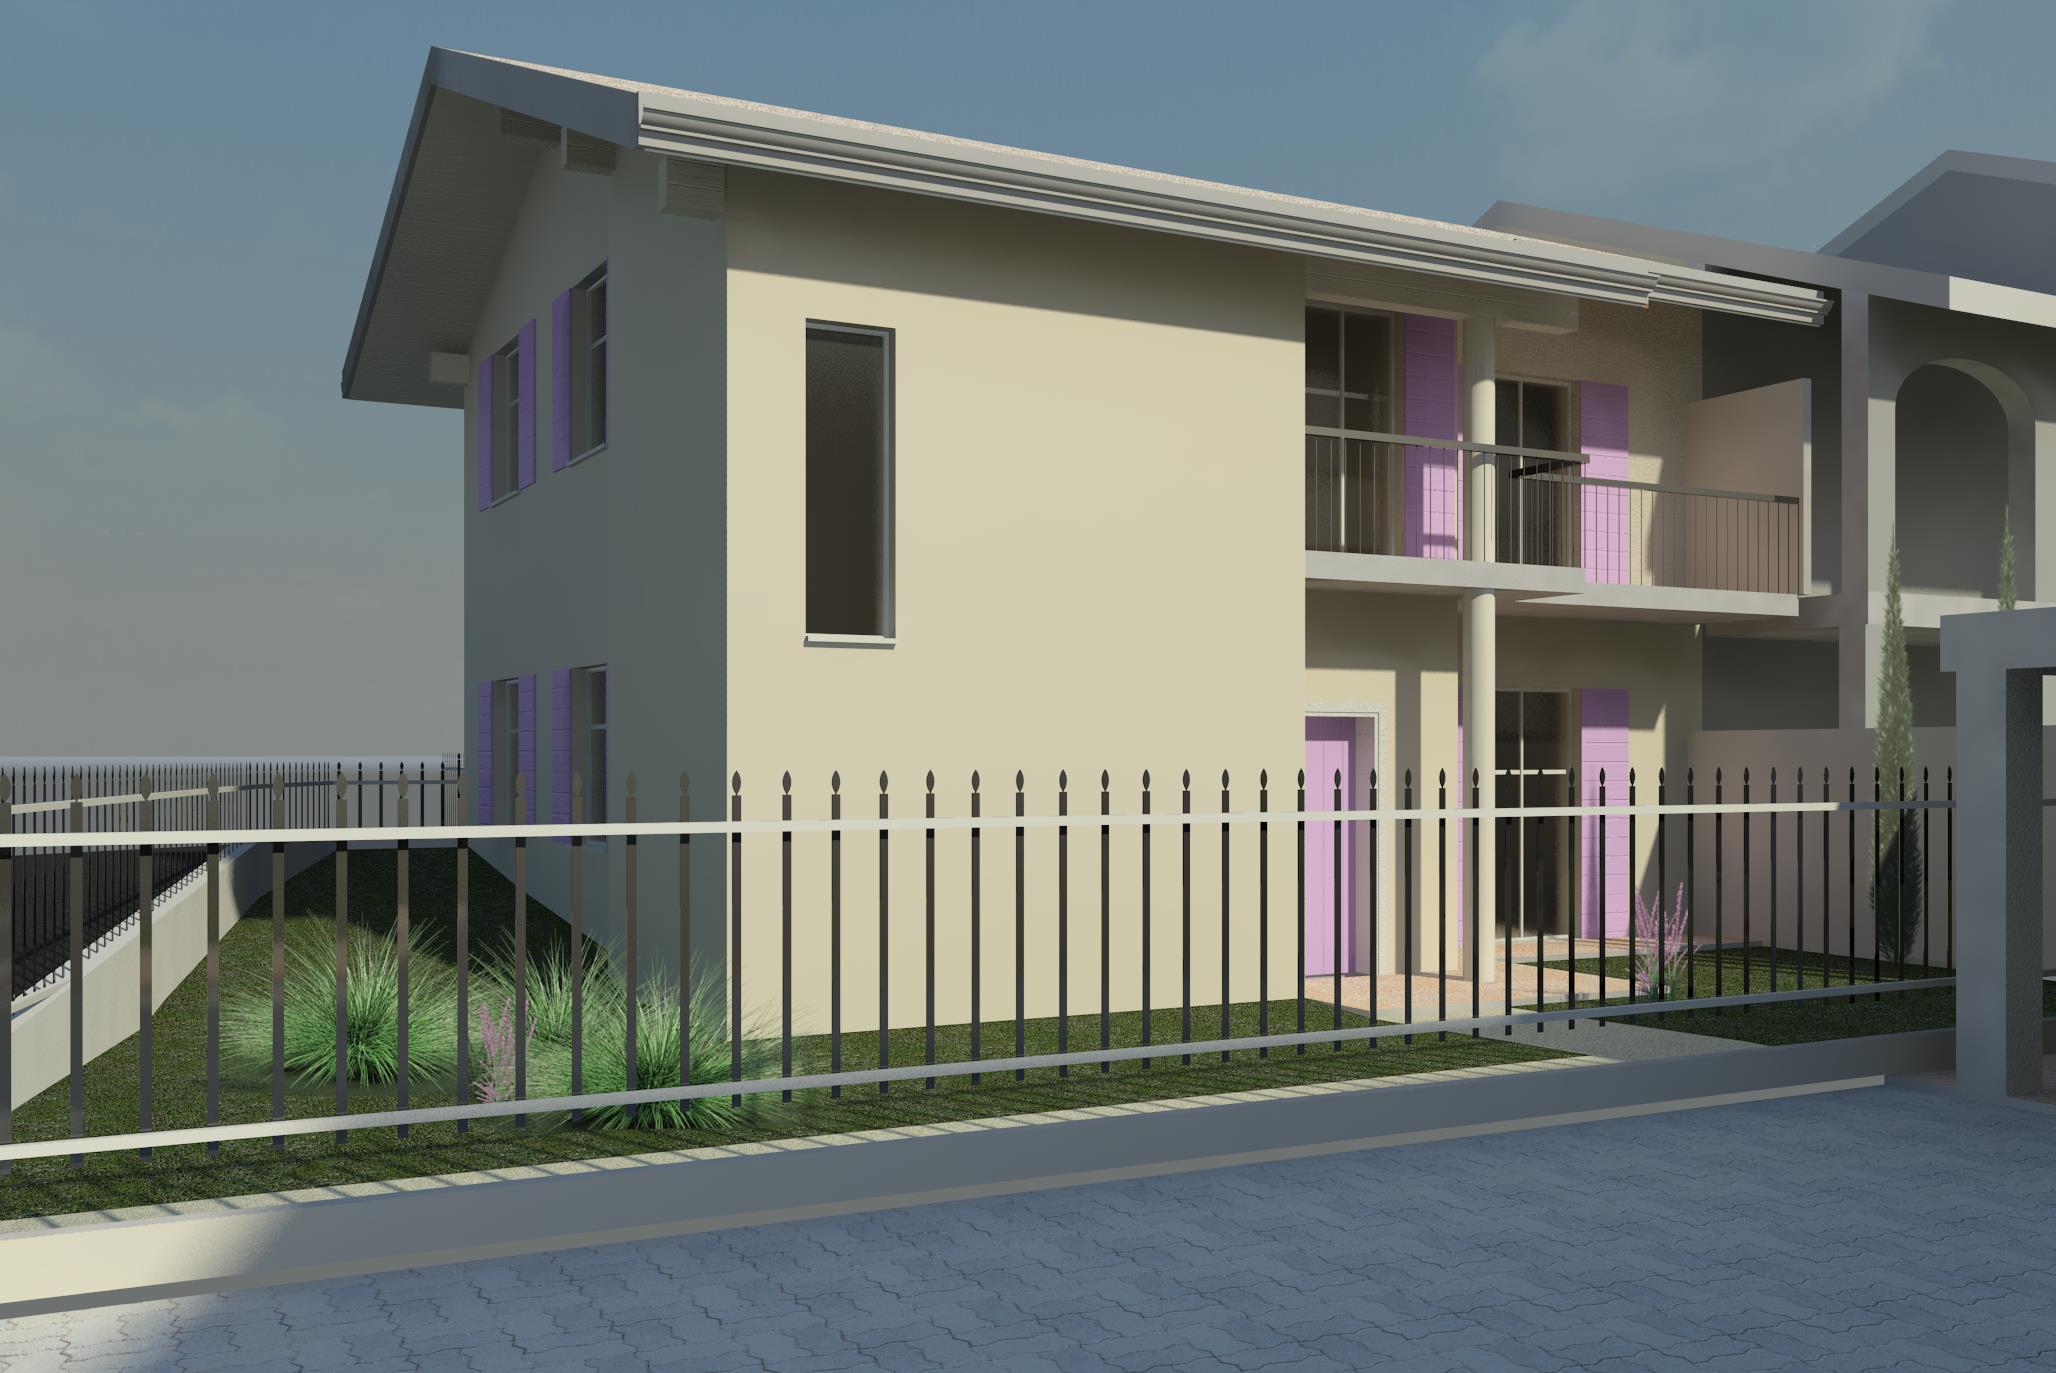 Cureggio villa nuova di testa dierre servizi for Detrazione affitto 2017